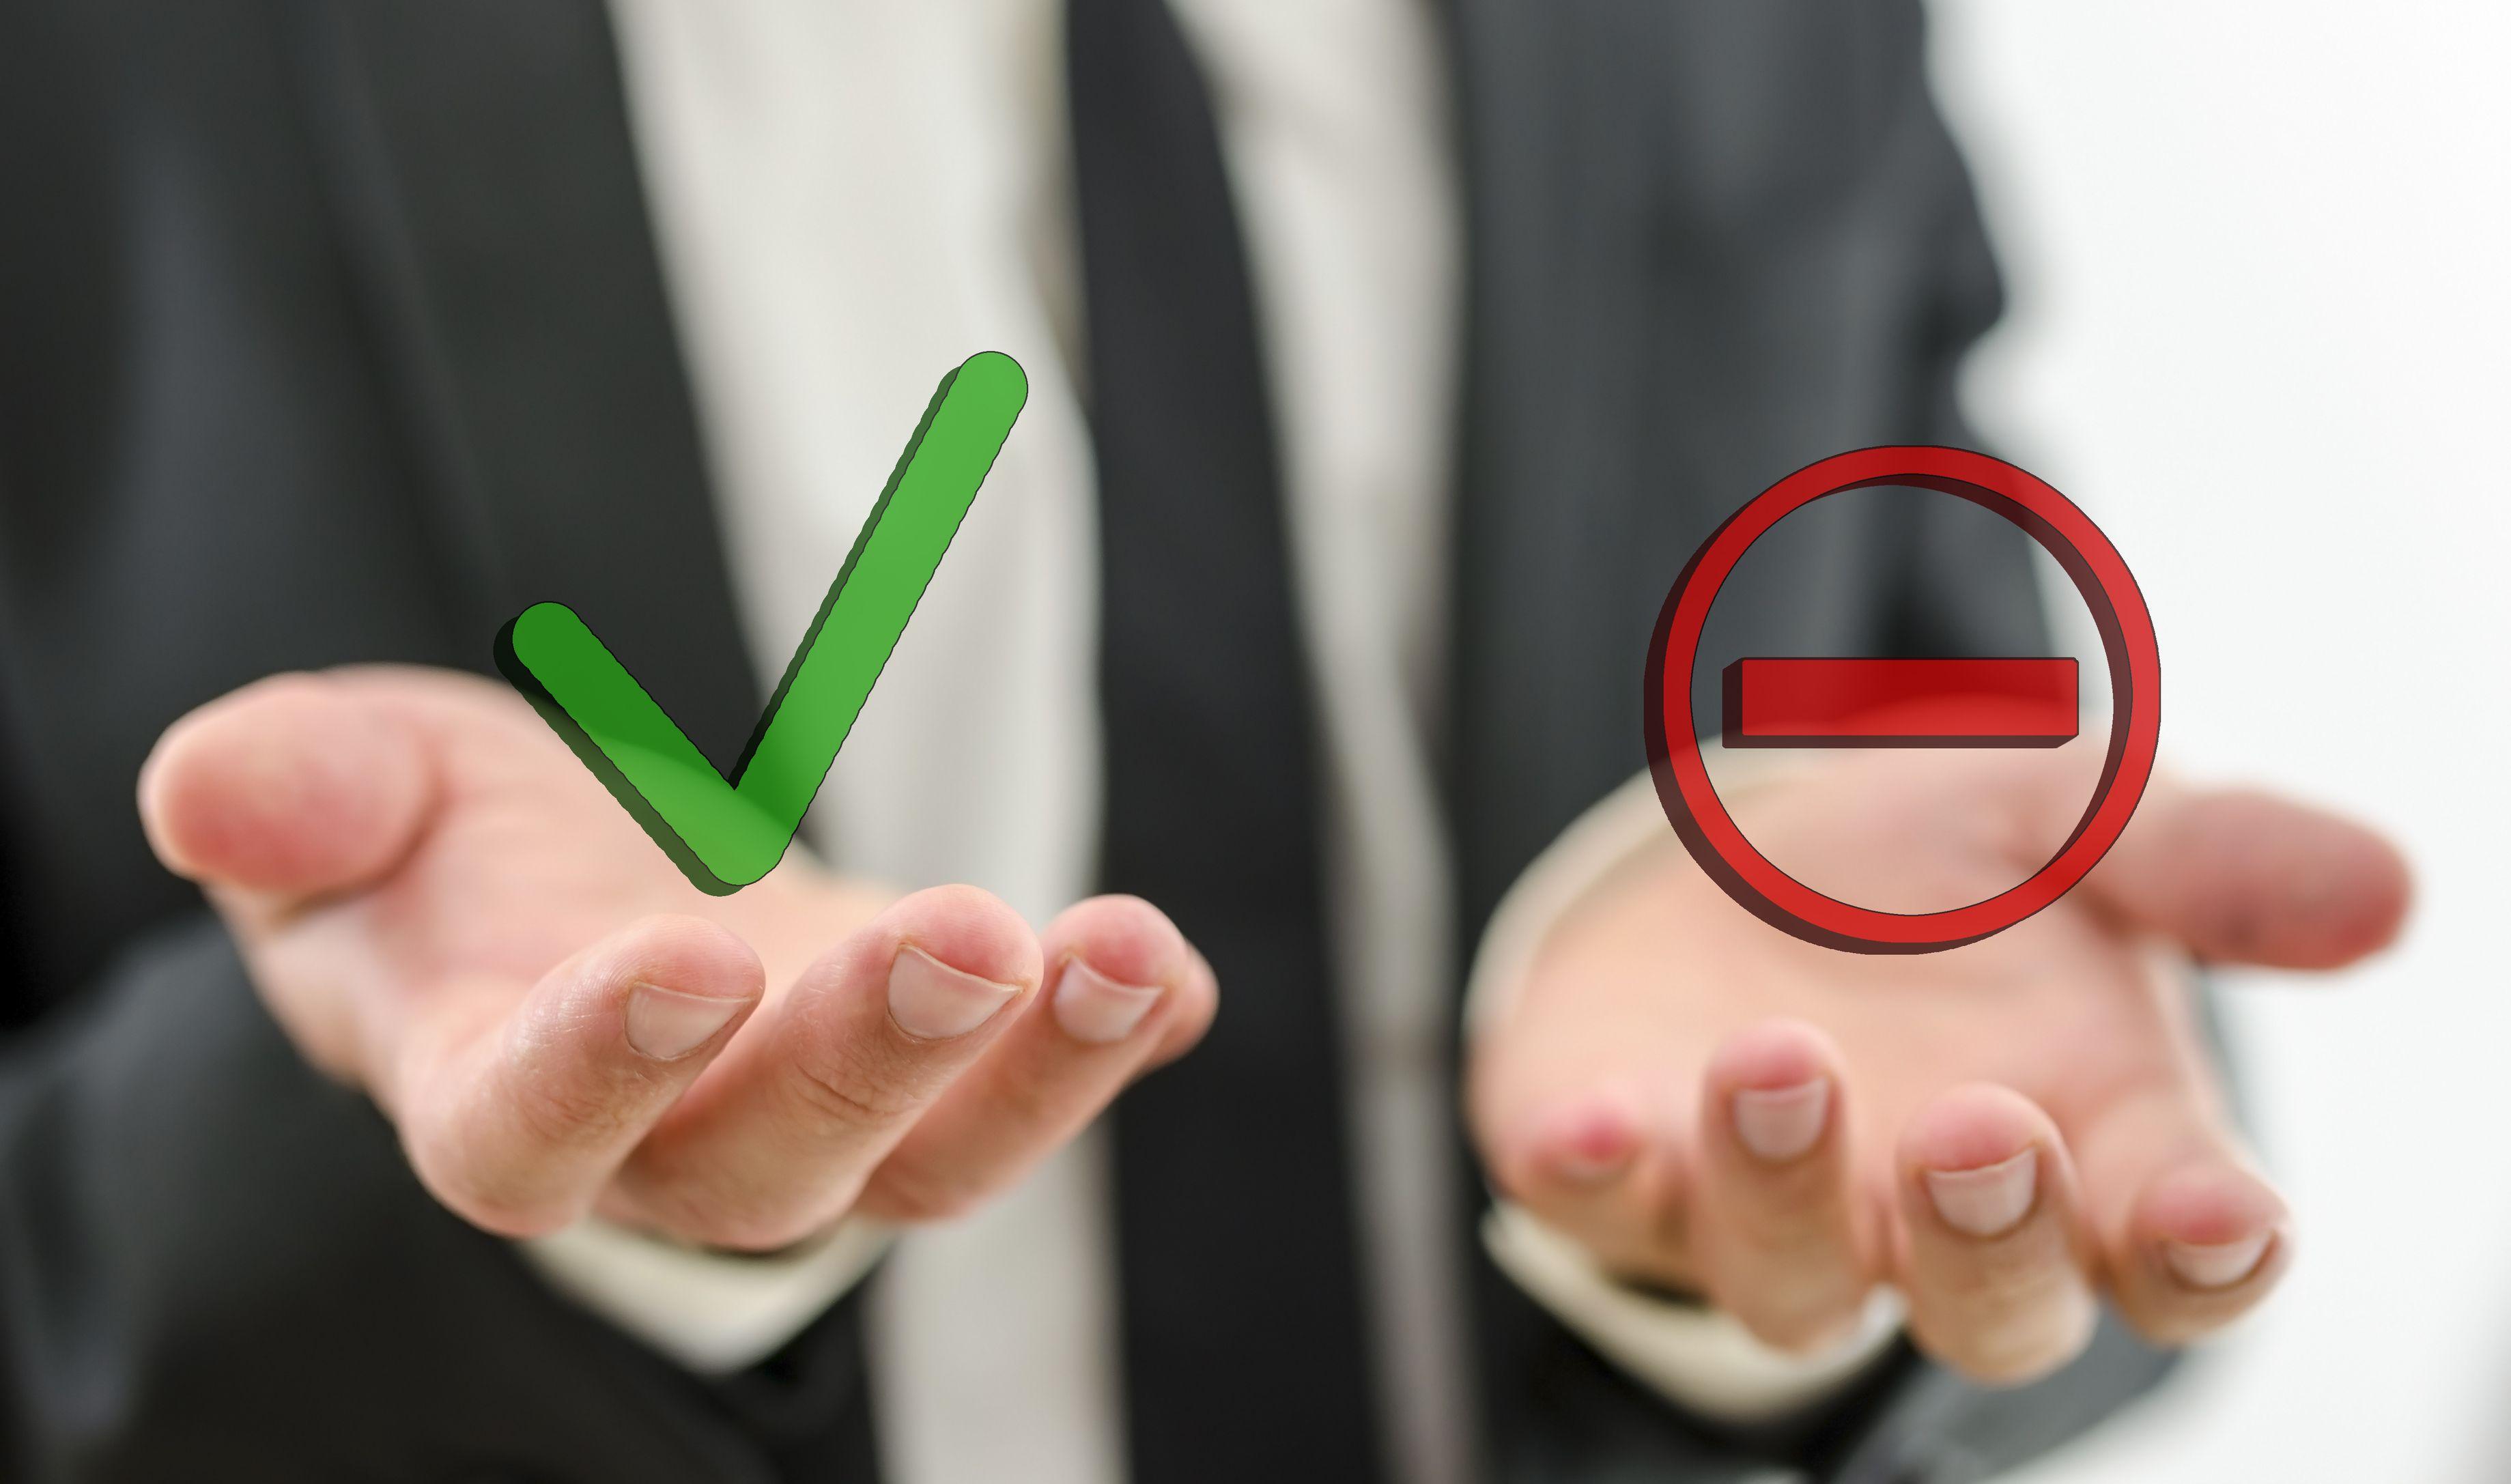 Um die richtige Entscheidungen zu treffen, müssen alle Optionen abgewogen werden.